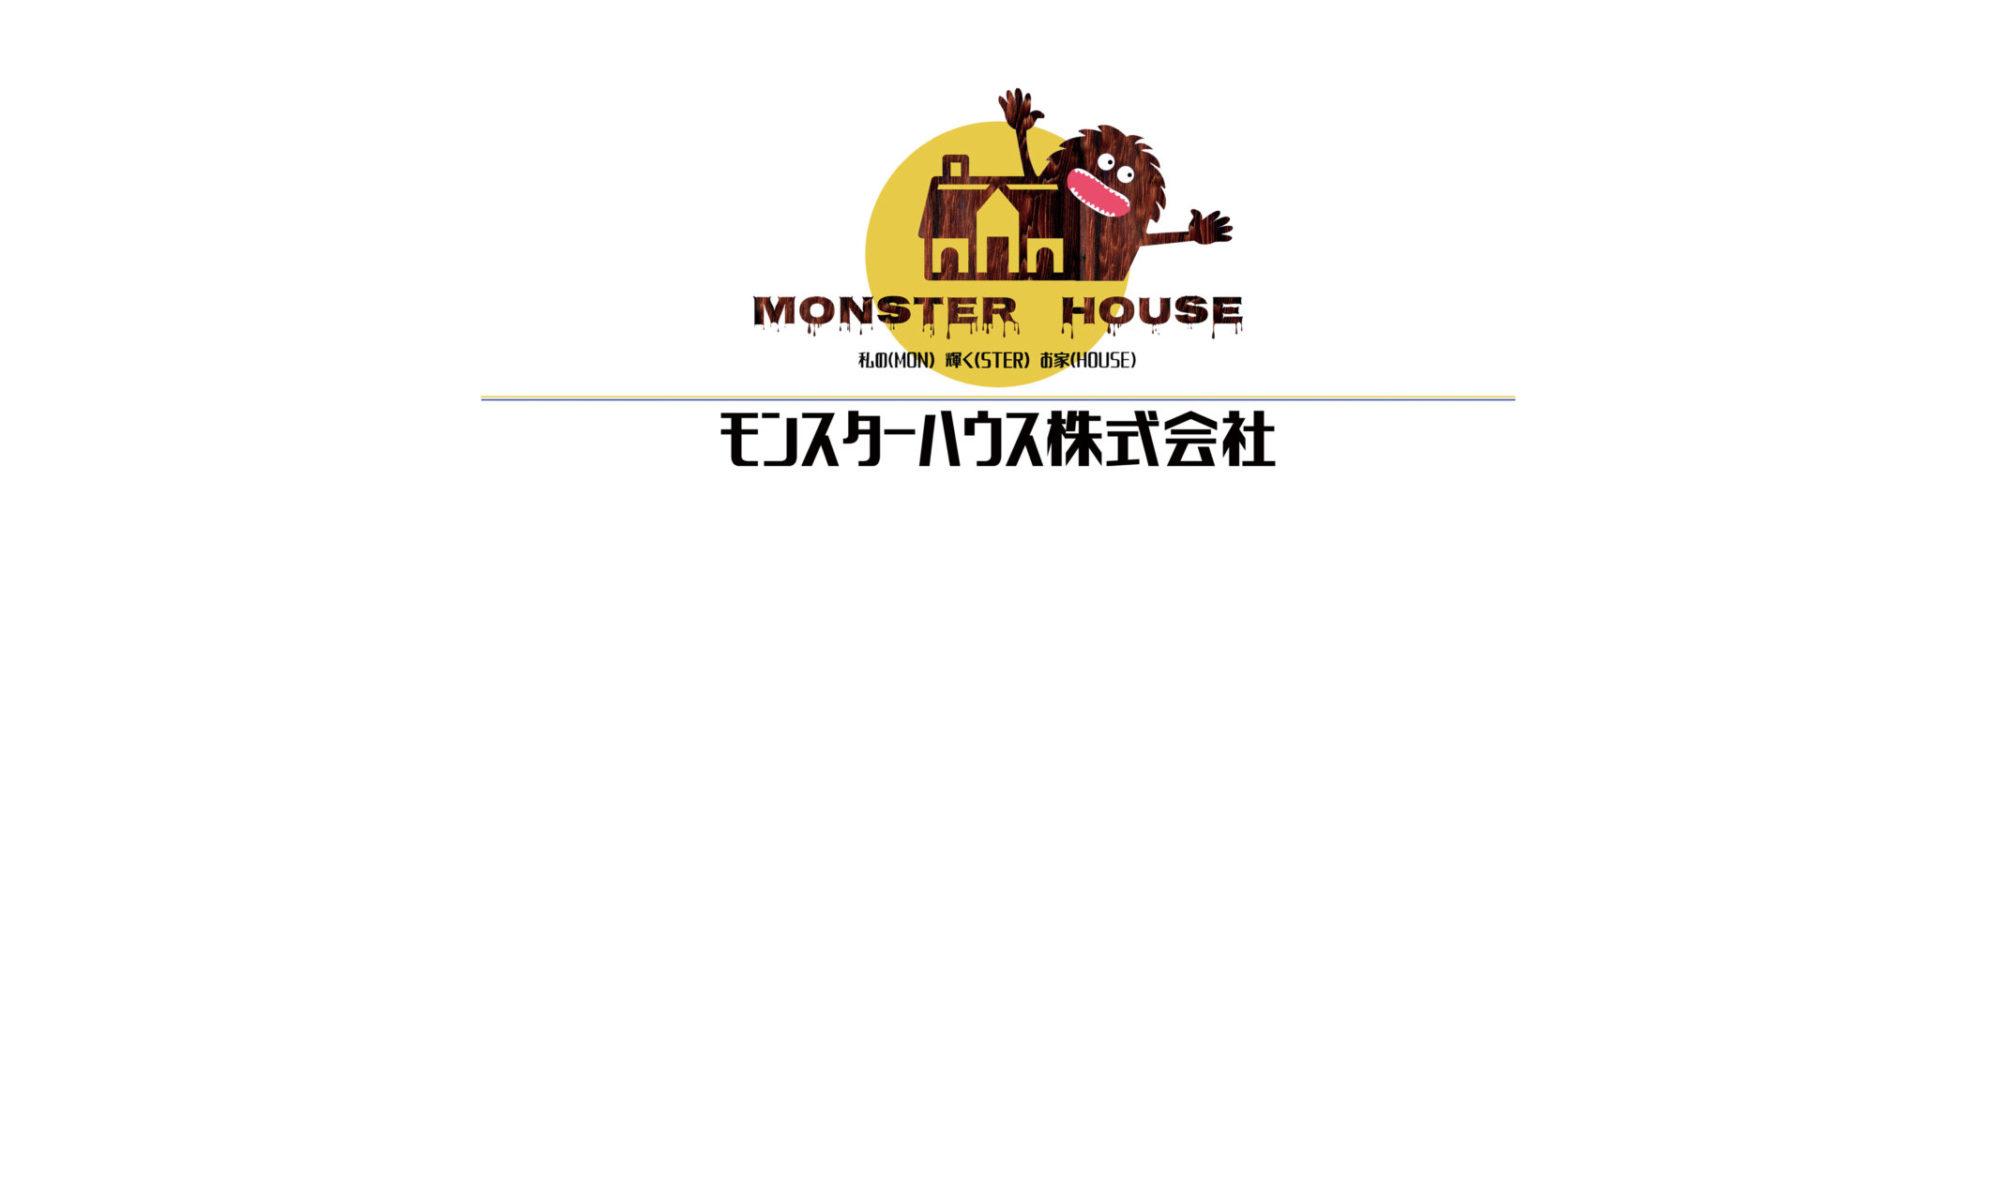 モンスターハウス株式会社